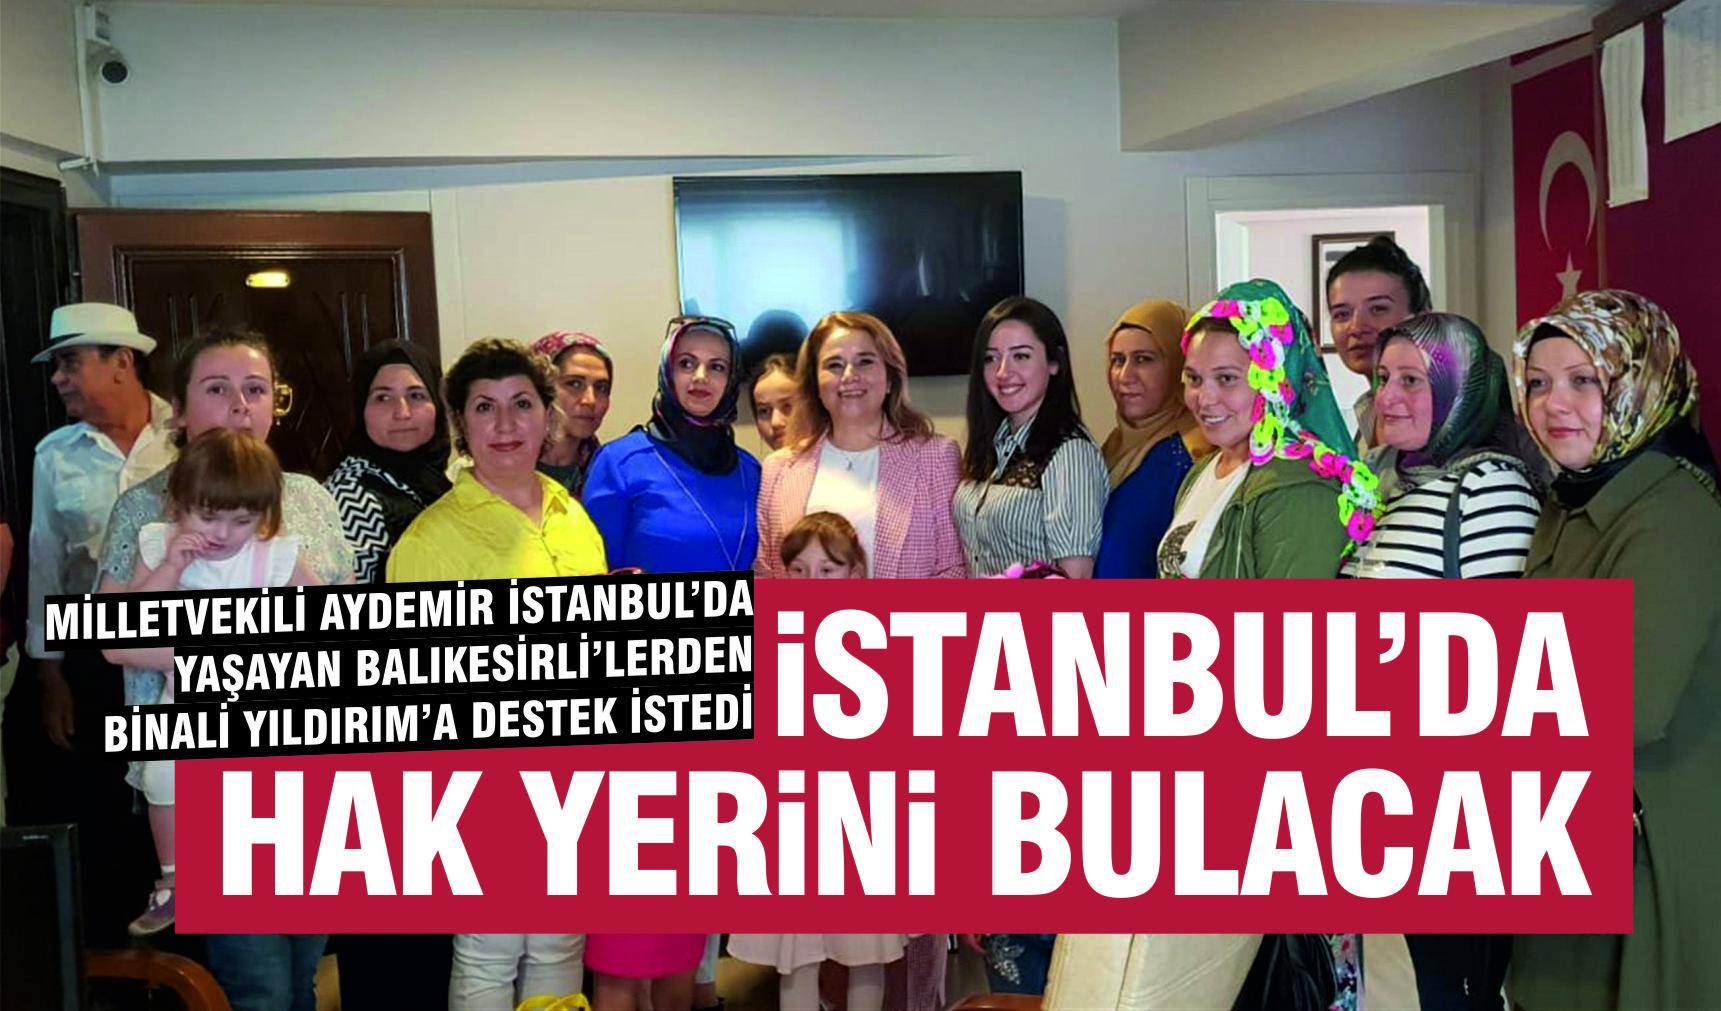 İSTANBUL'DAKİ BALIKESİRLİ'LERDEN DESTEK İSTEDİ